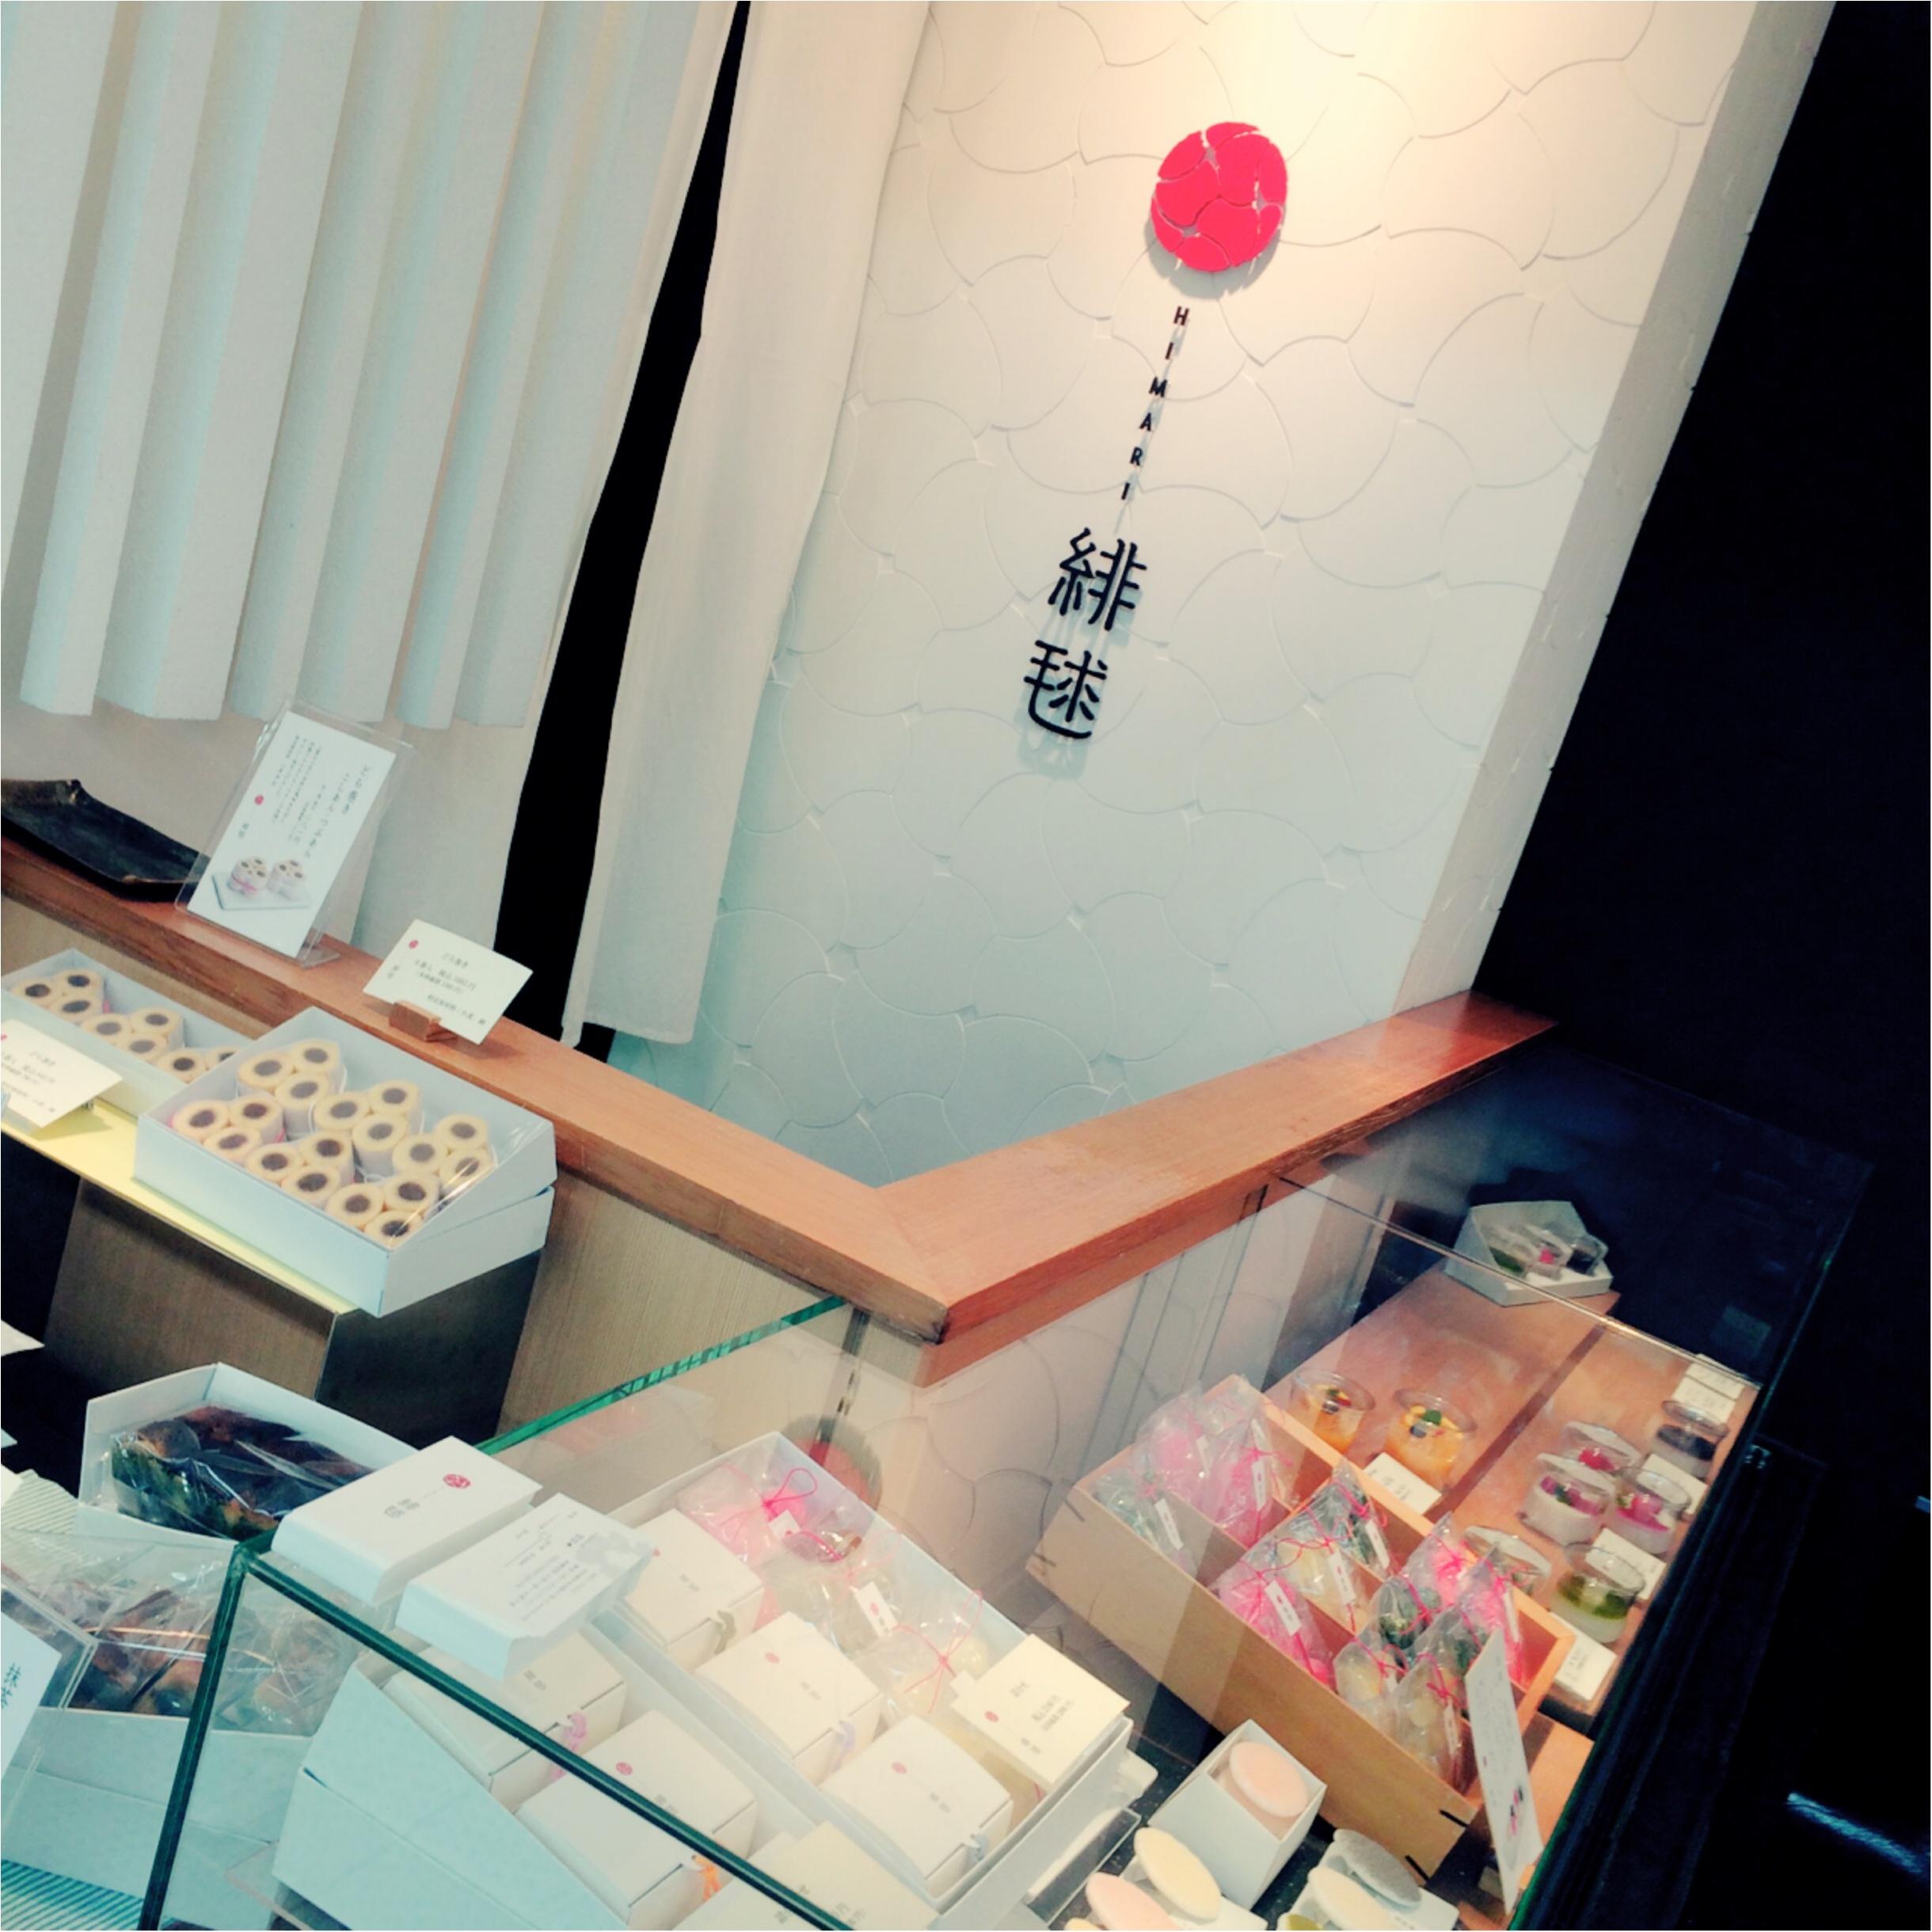 ★ういろの本場名古屋より老舗ういろ店運営!おしゃれな和カフェで驚きのういろ食べてみませんか?★_2